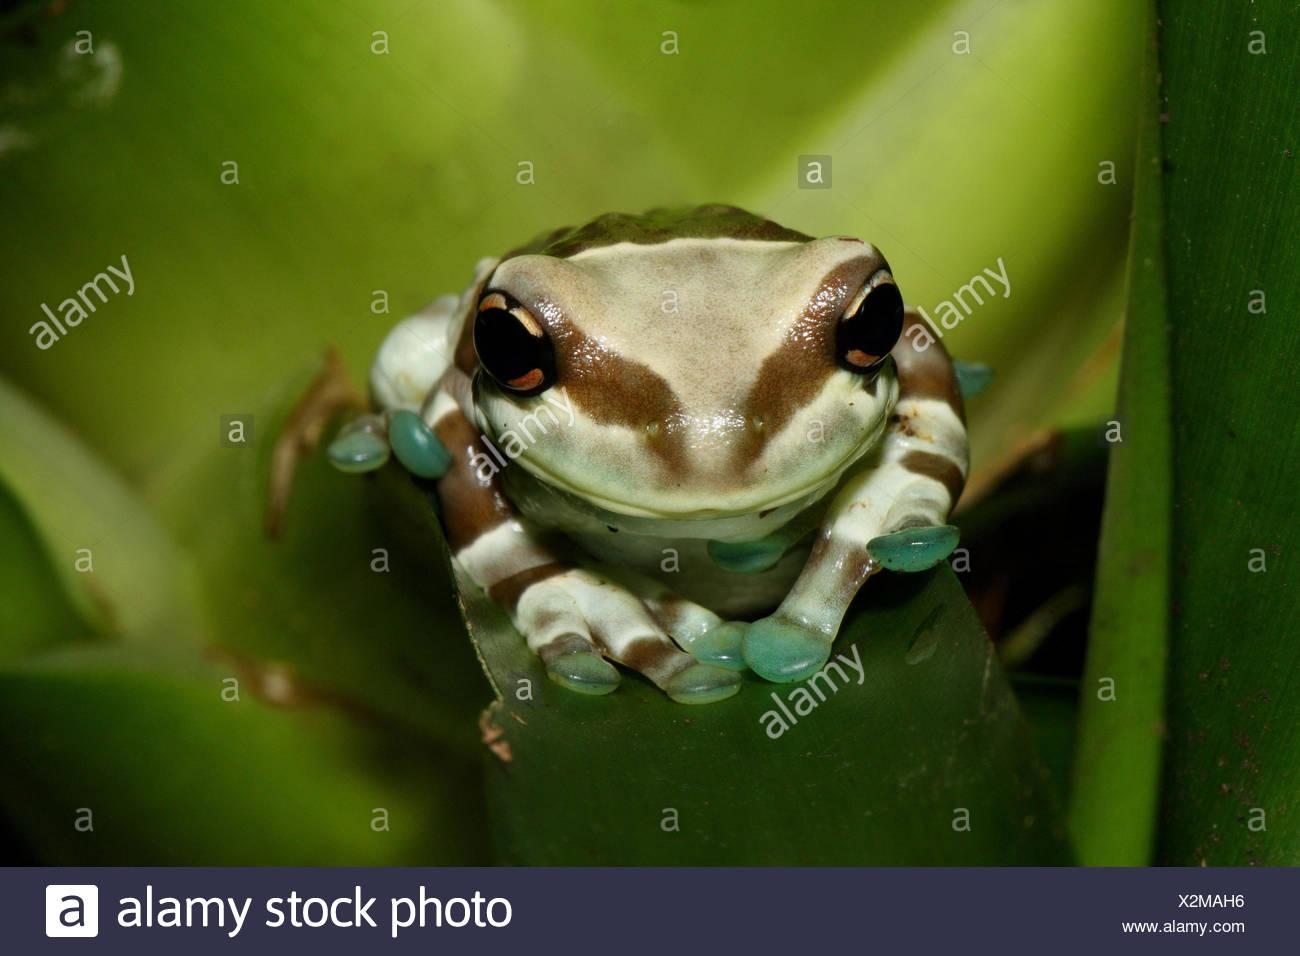 Feuillage crapaud grenouille, feuilles, s'asseoir, portrait, pits-arbre feuillage crapaud grenouille, grenouille, grenouille, feuillage, amphibien Amphibiens grenouille, animal sauvage, animal, nature, vert, le Brésil, l'Amazonie, région de l'Amazonie, la forêt vierge, d'animaux, portrait Photo Stock